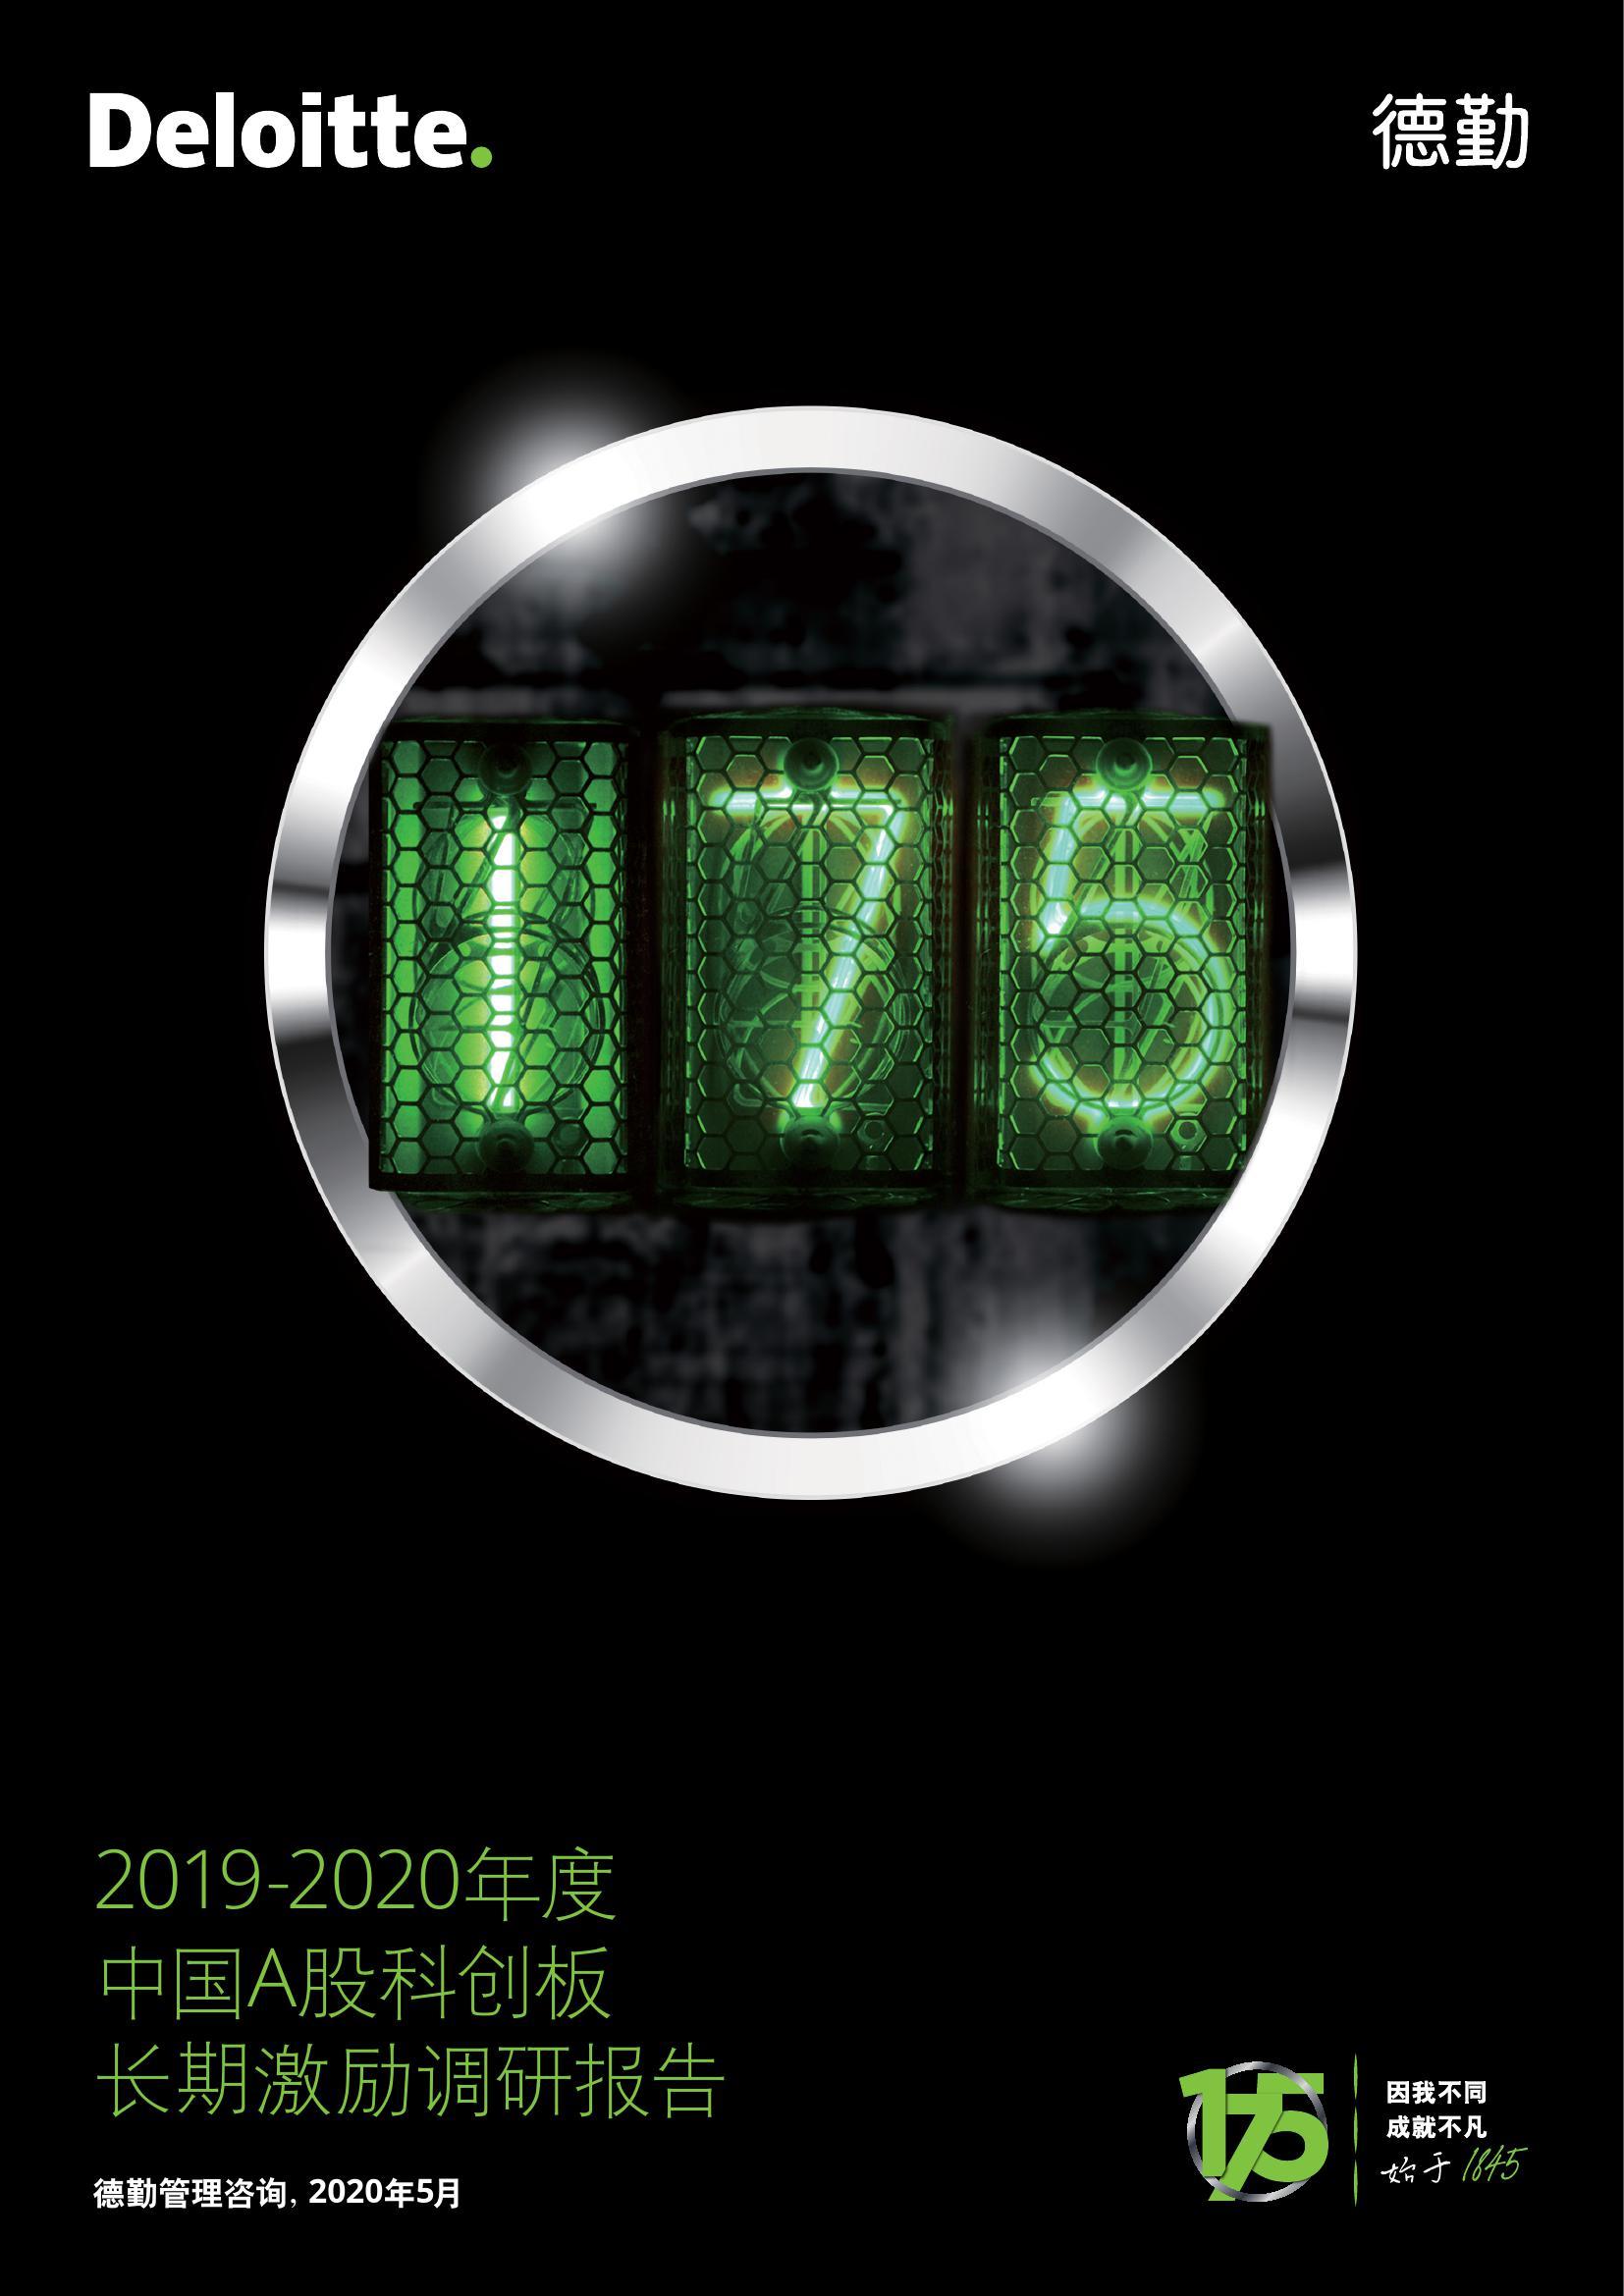 德勤咨询:2019-2020年度中国A股科创板长期激励调研报告(附下载)